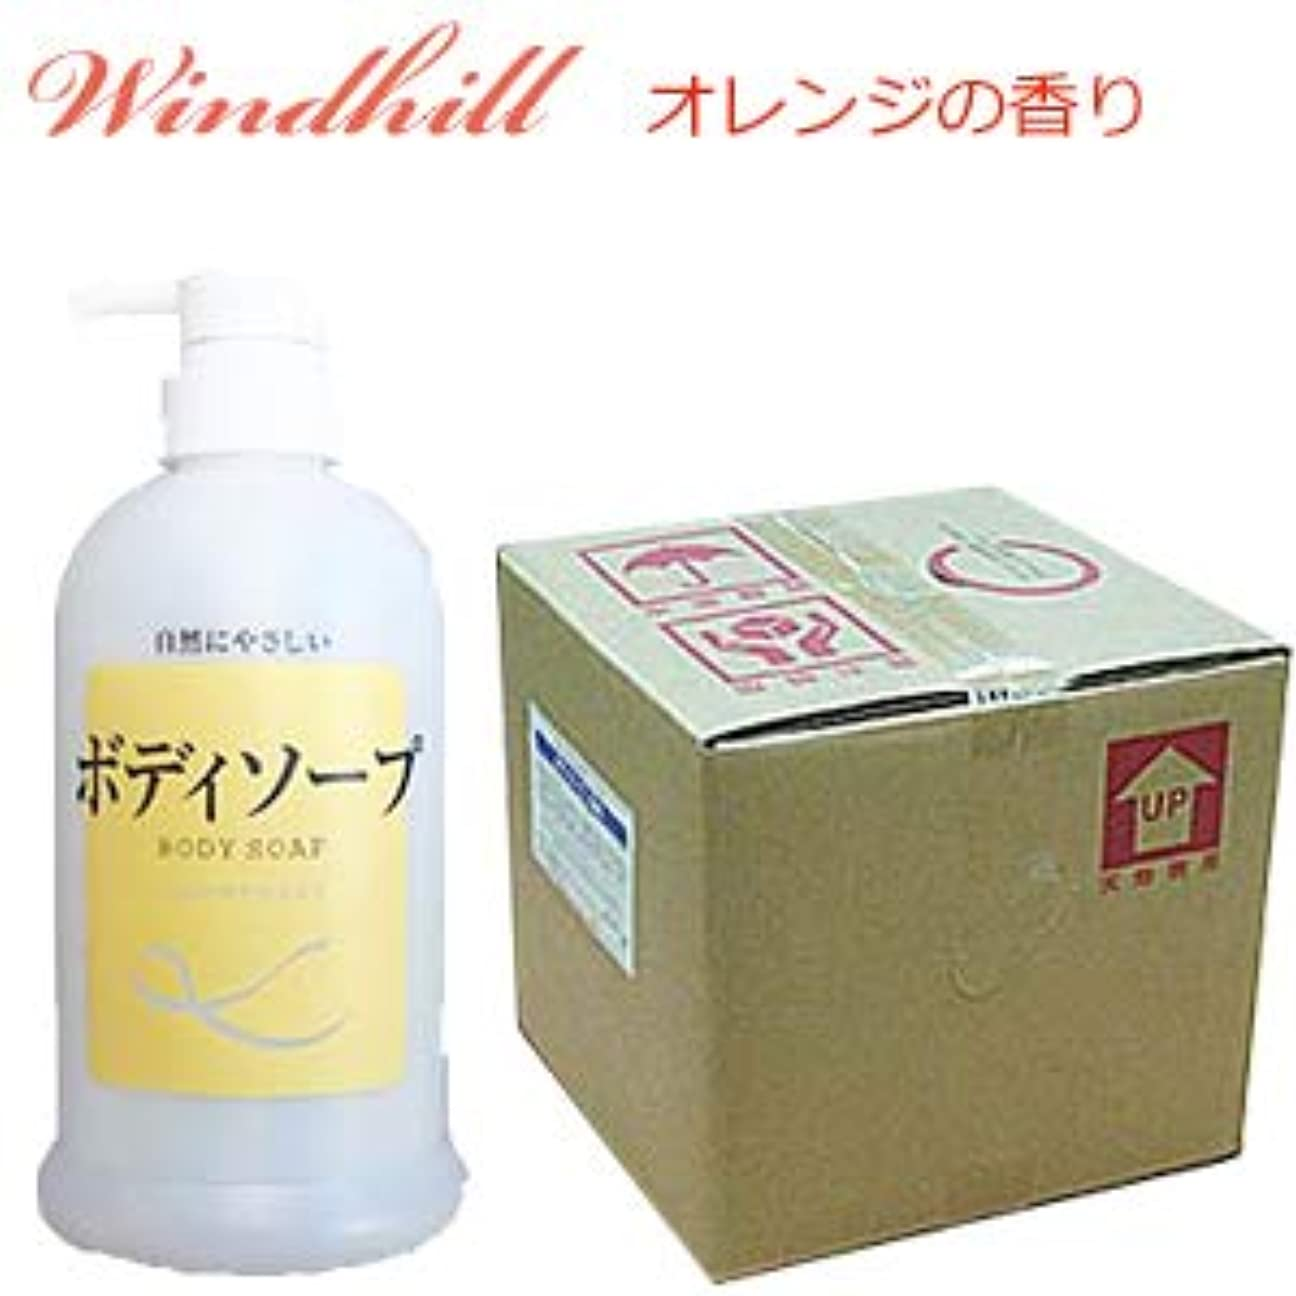 にぎやか衣服藤色Windhill 植物性 業務用ボディソープオレンジの香り 20L(1セット20L入)